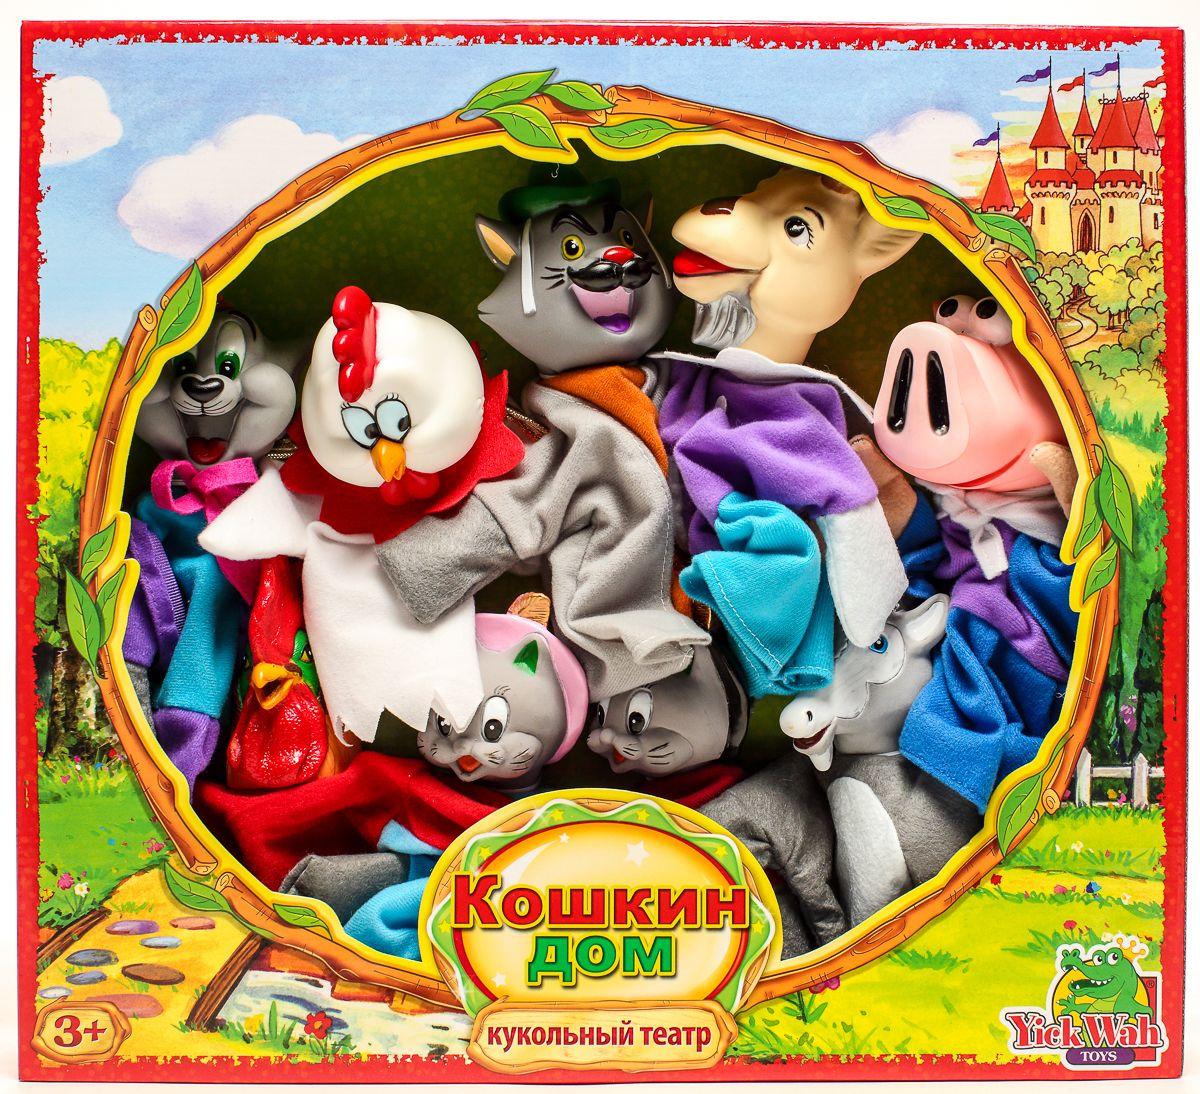 Yick Wah Кукольный театр Кошкин дом7163/1SКукольный театр создан на основе всем известной сказки.Набор состоит из 9-и кукол-марионеток большого размера,одевающихся на кисть руки.Куклы обладают высокой прочностью,безопасностью.Доставляют малышам масс приятных и радостных эмоций